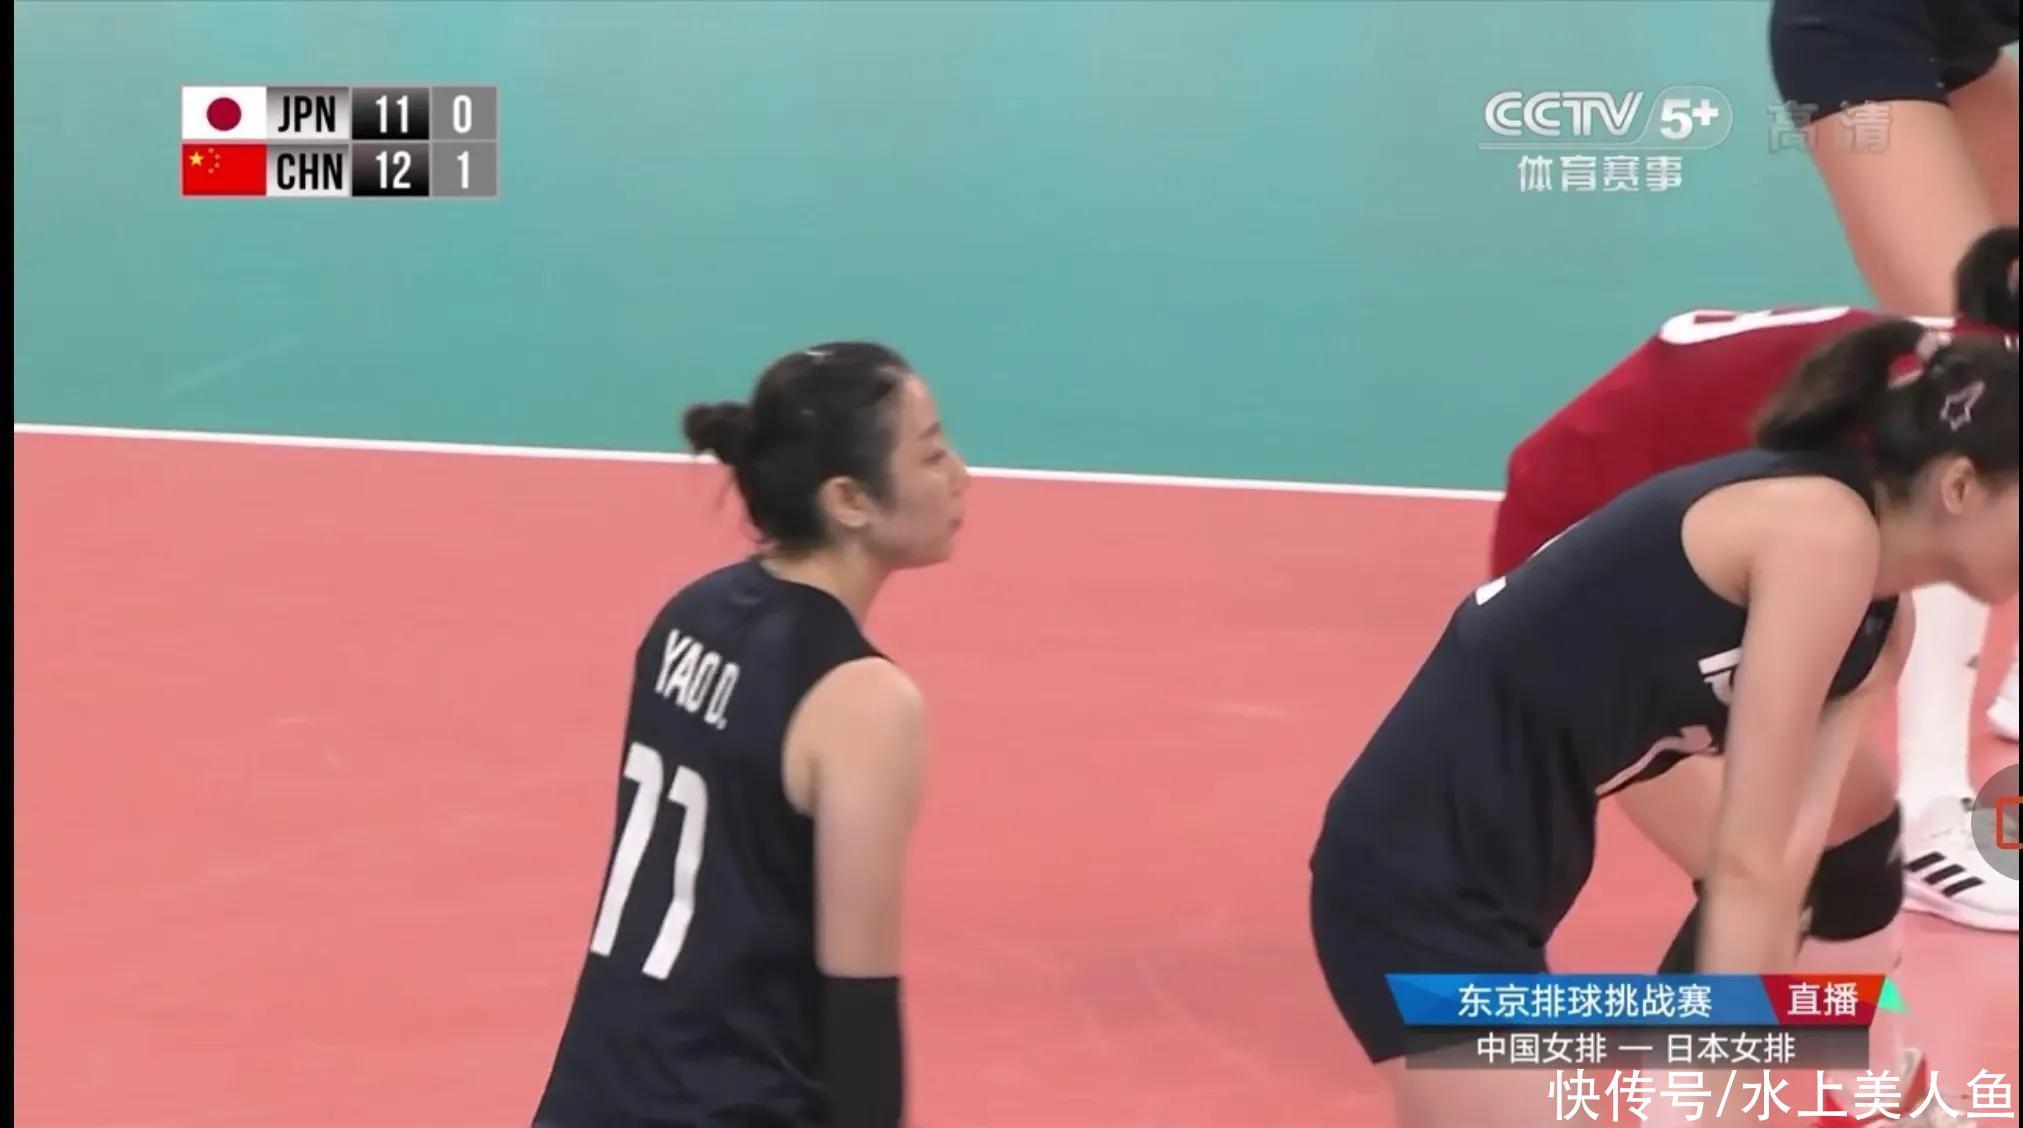 中國女排3:0卻有隱憂,二傳姚迪難堪大任,龔翔宇已成球隊次核心